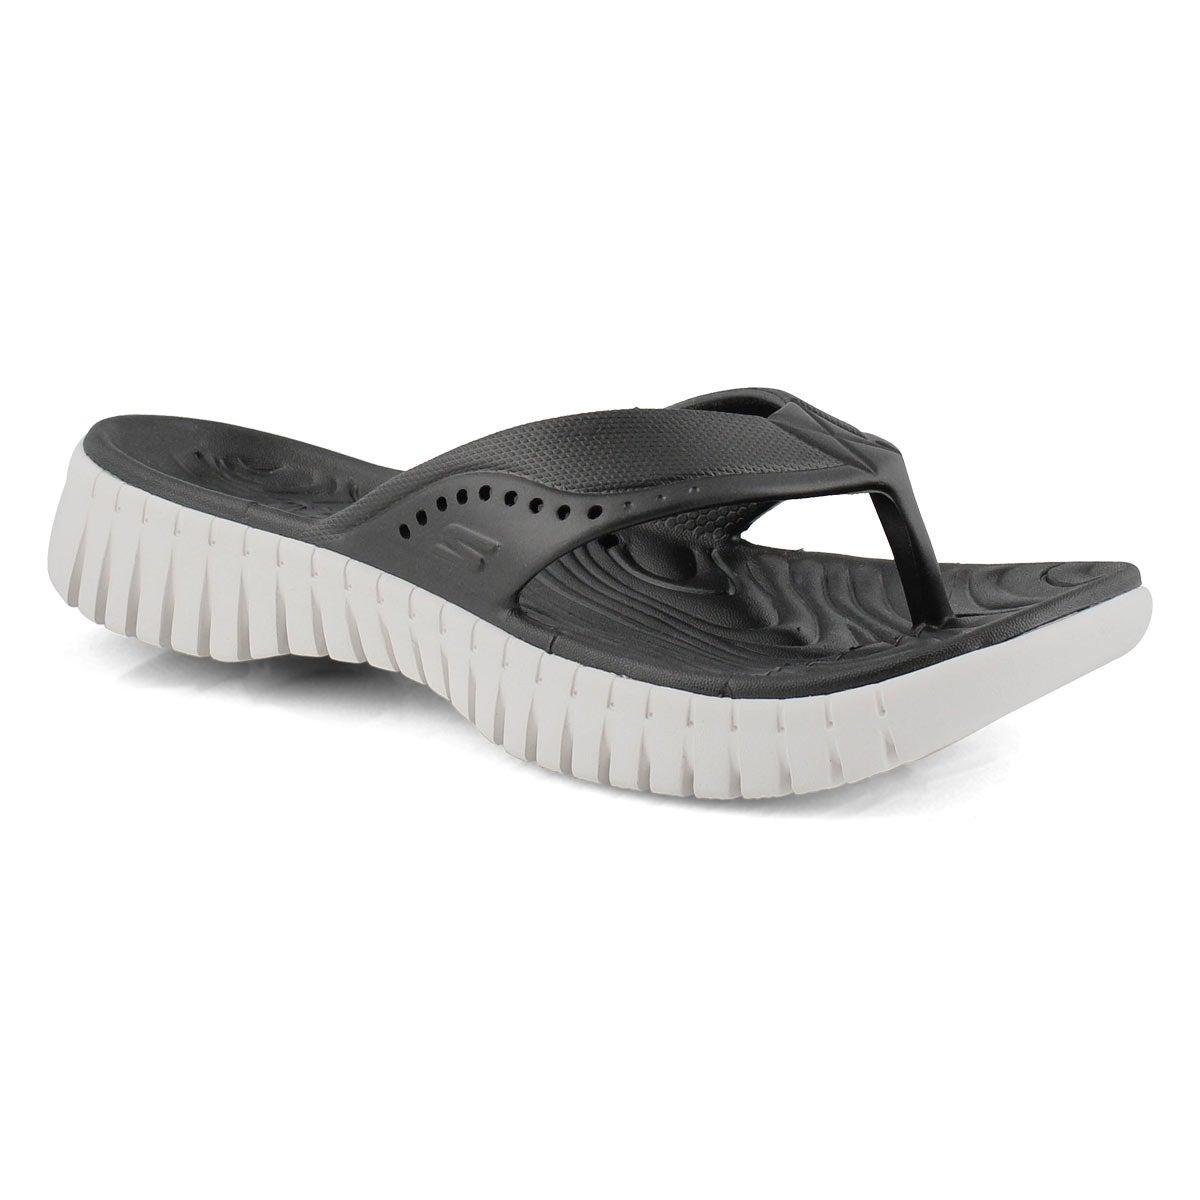 Women's Go Walk Smart Sandal - Black/White